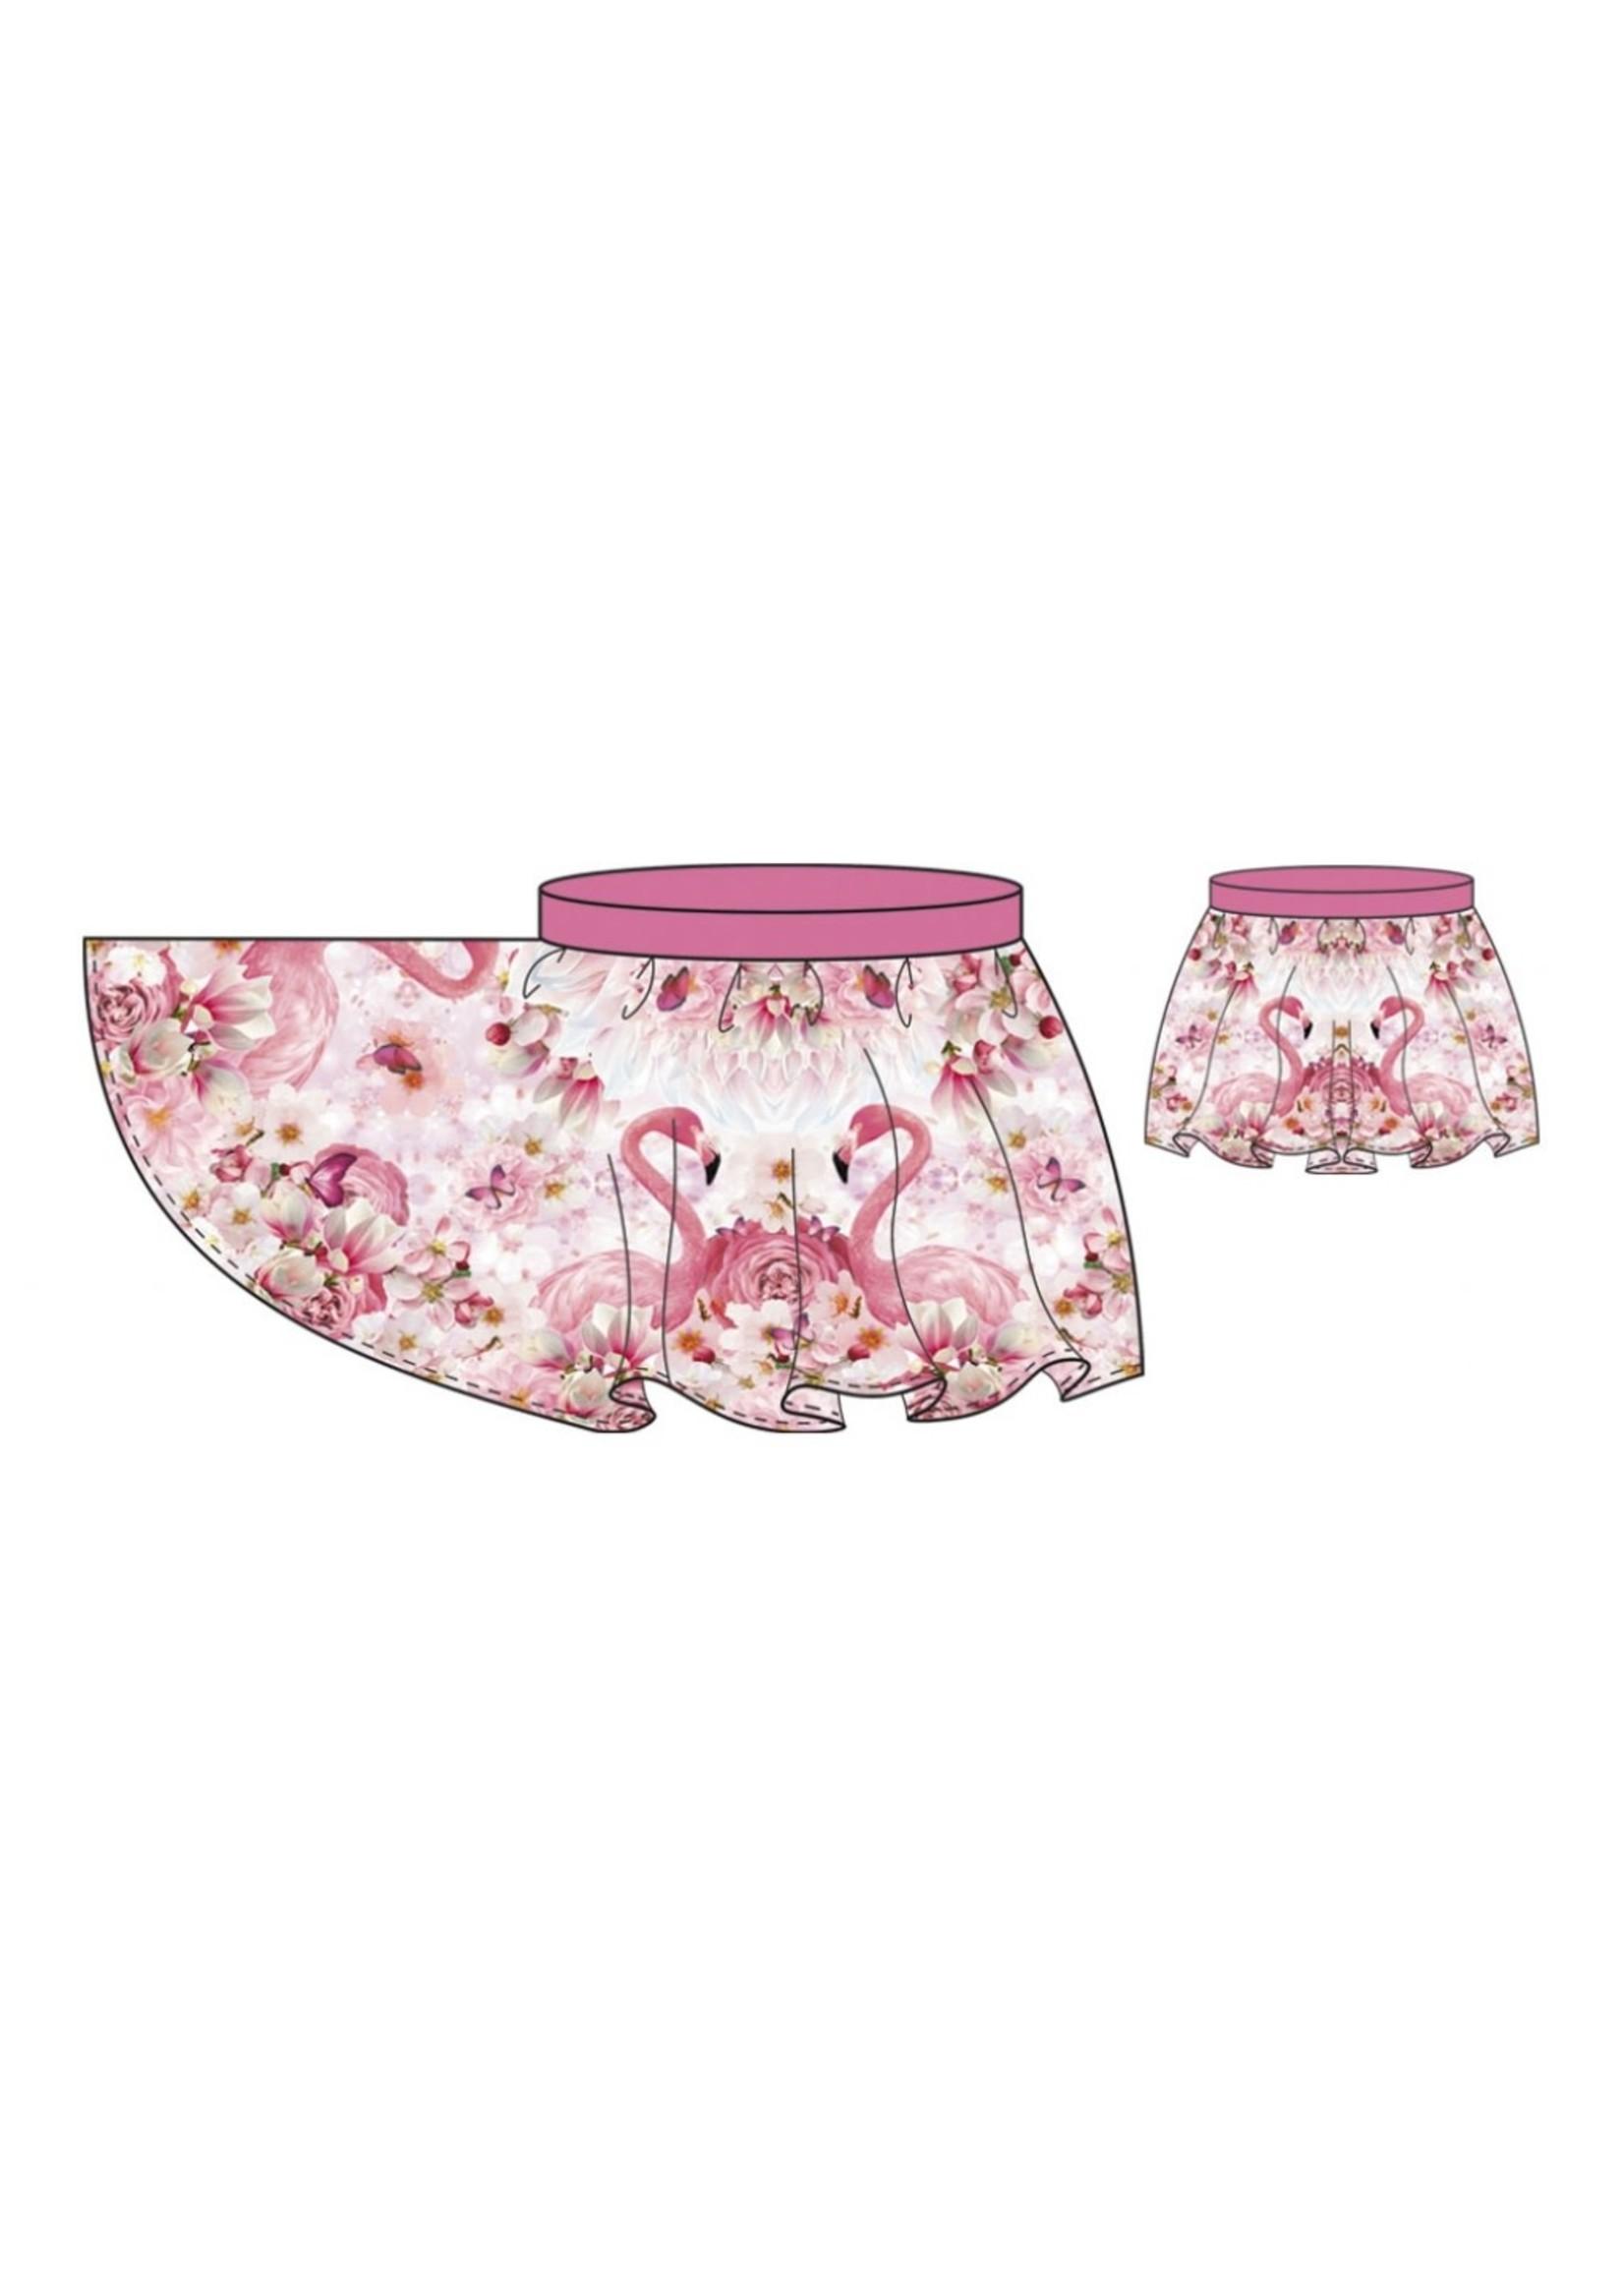 Stenzo Skirt Flamingo